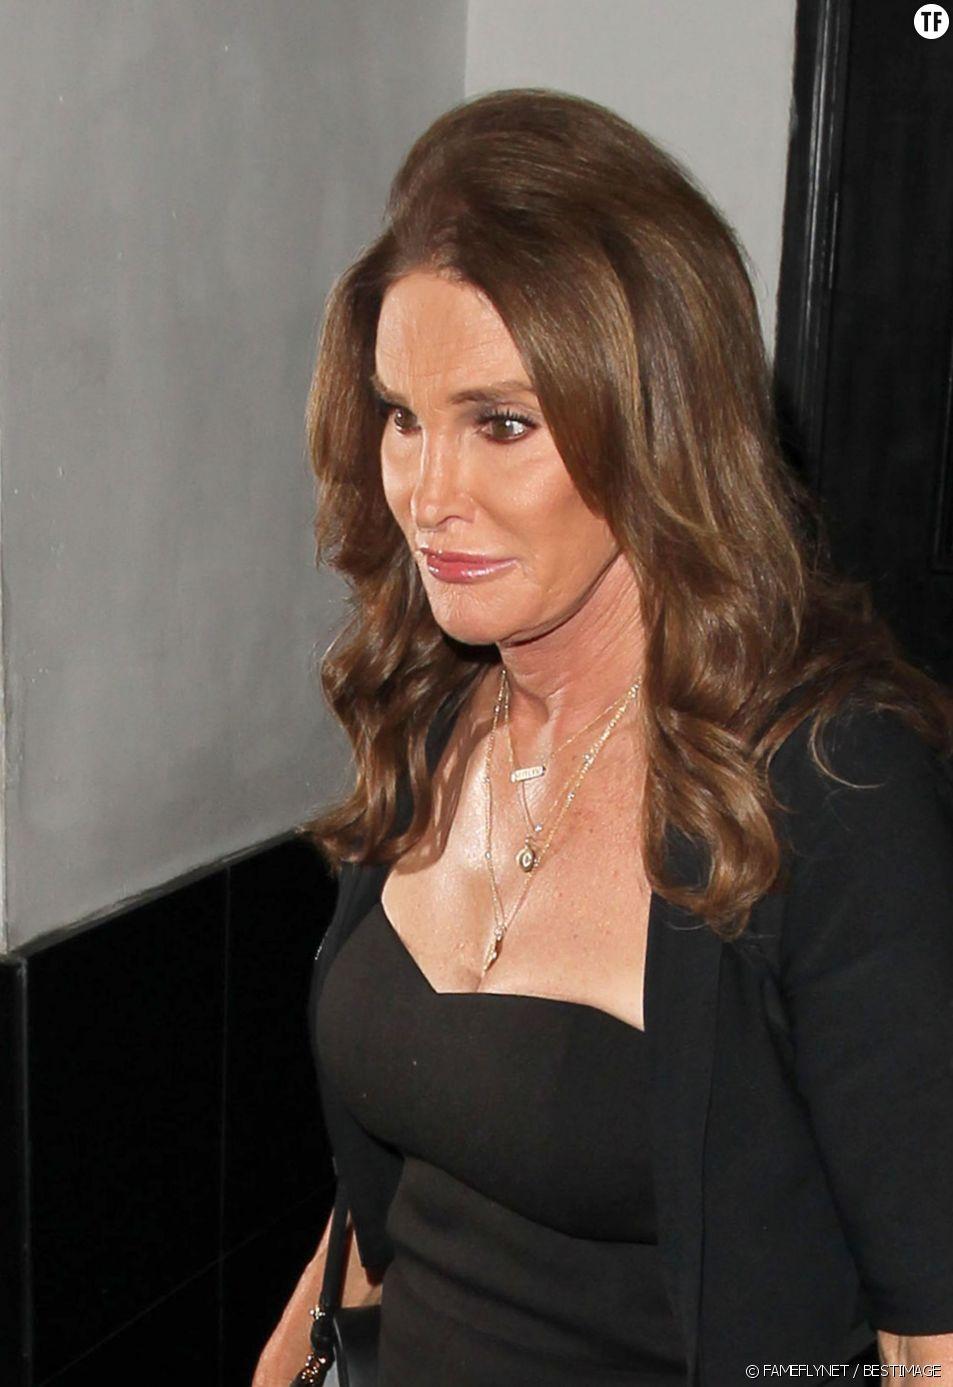 Caitlyn (Bruce) Jenner le 29 juillet 2015 après son changement de sexe.